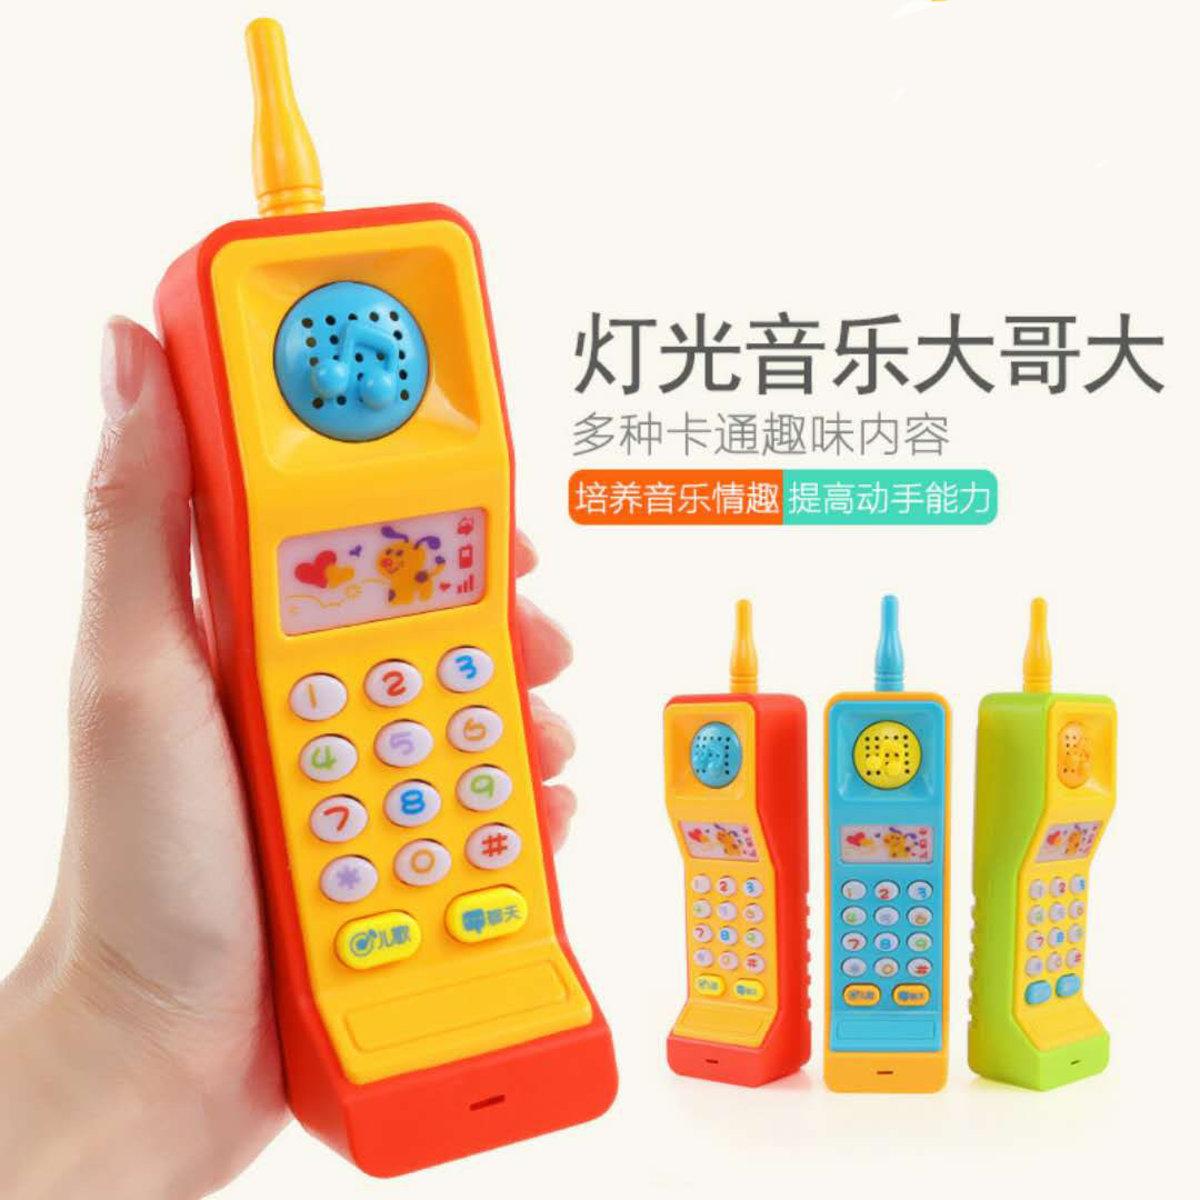 嬰兒智能音樂手機 寶寶早教益智電話機 大哥大手機(隨機顏色)